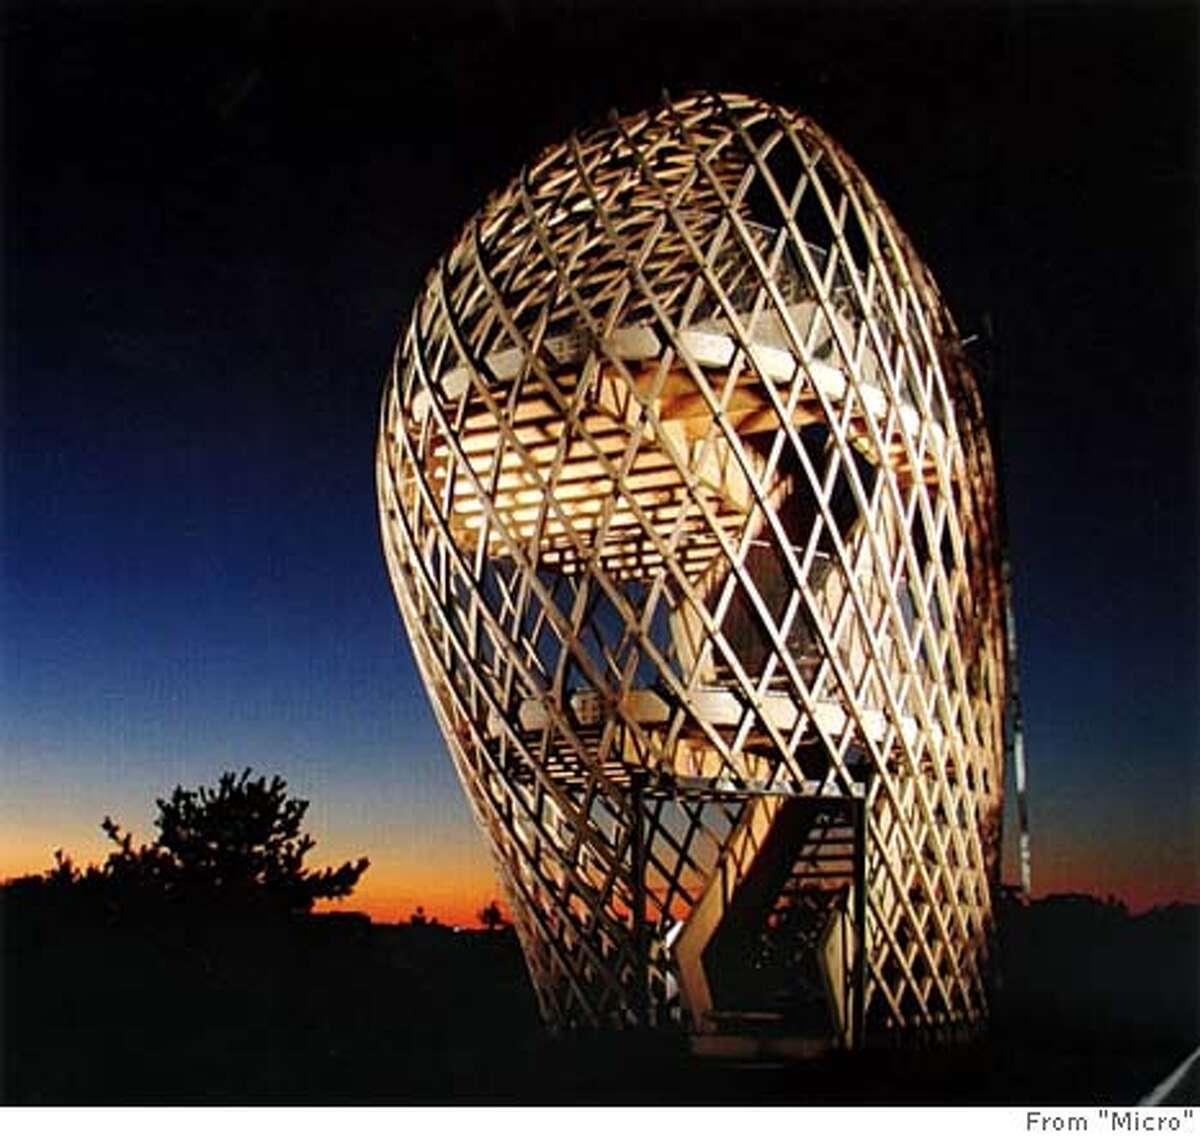 Lookout Tower, Korkeasaari Zoo, Helsinki, Finland by Ville Hara / Hut Wood Studio Workshop From